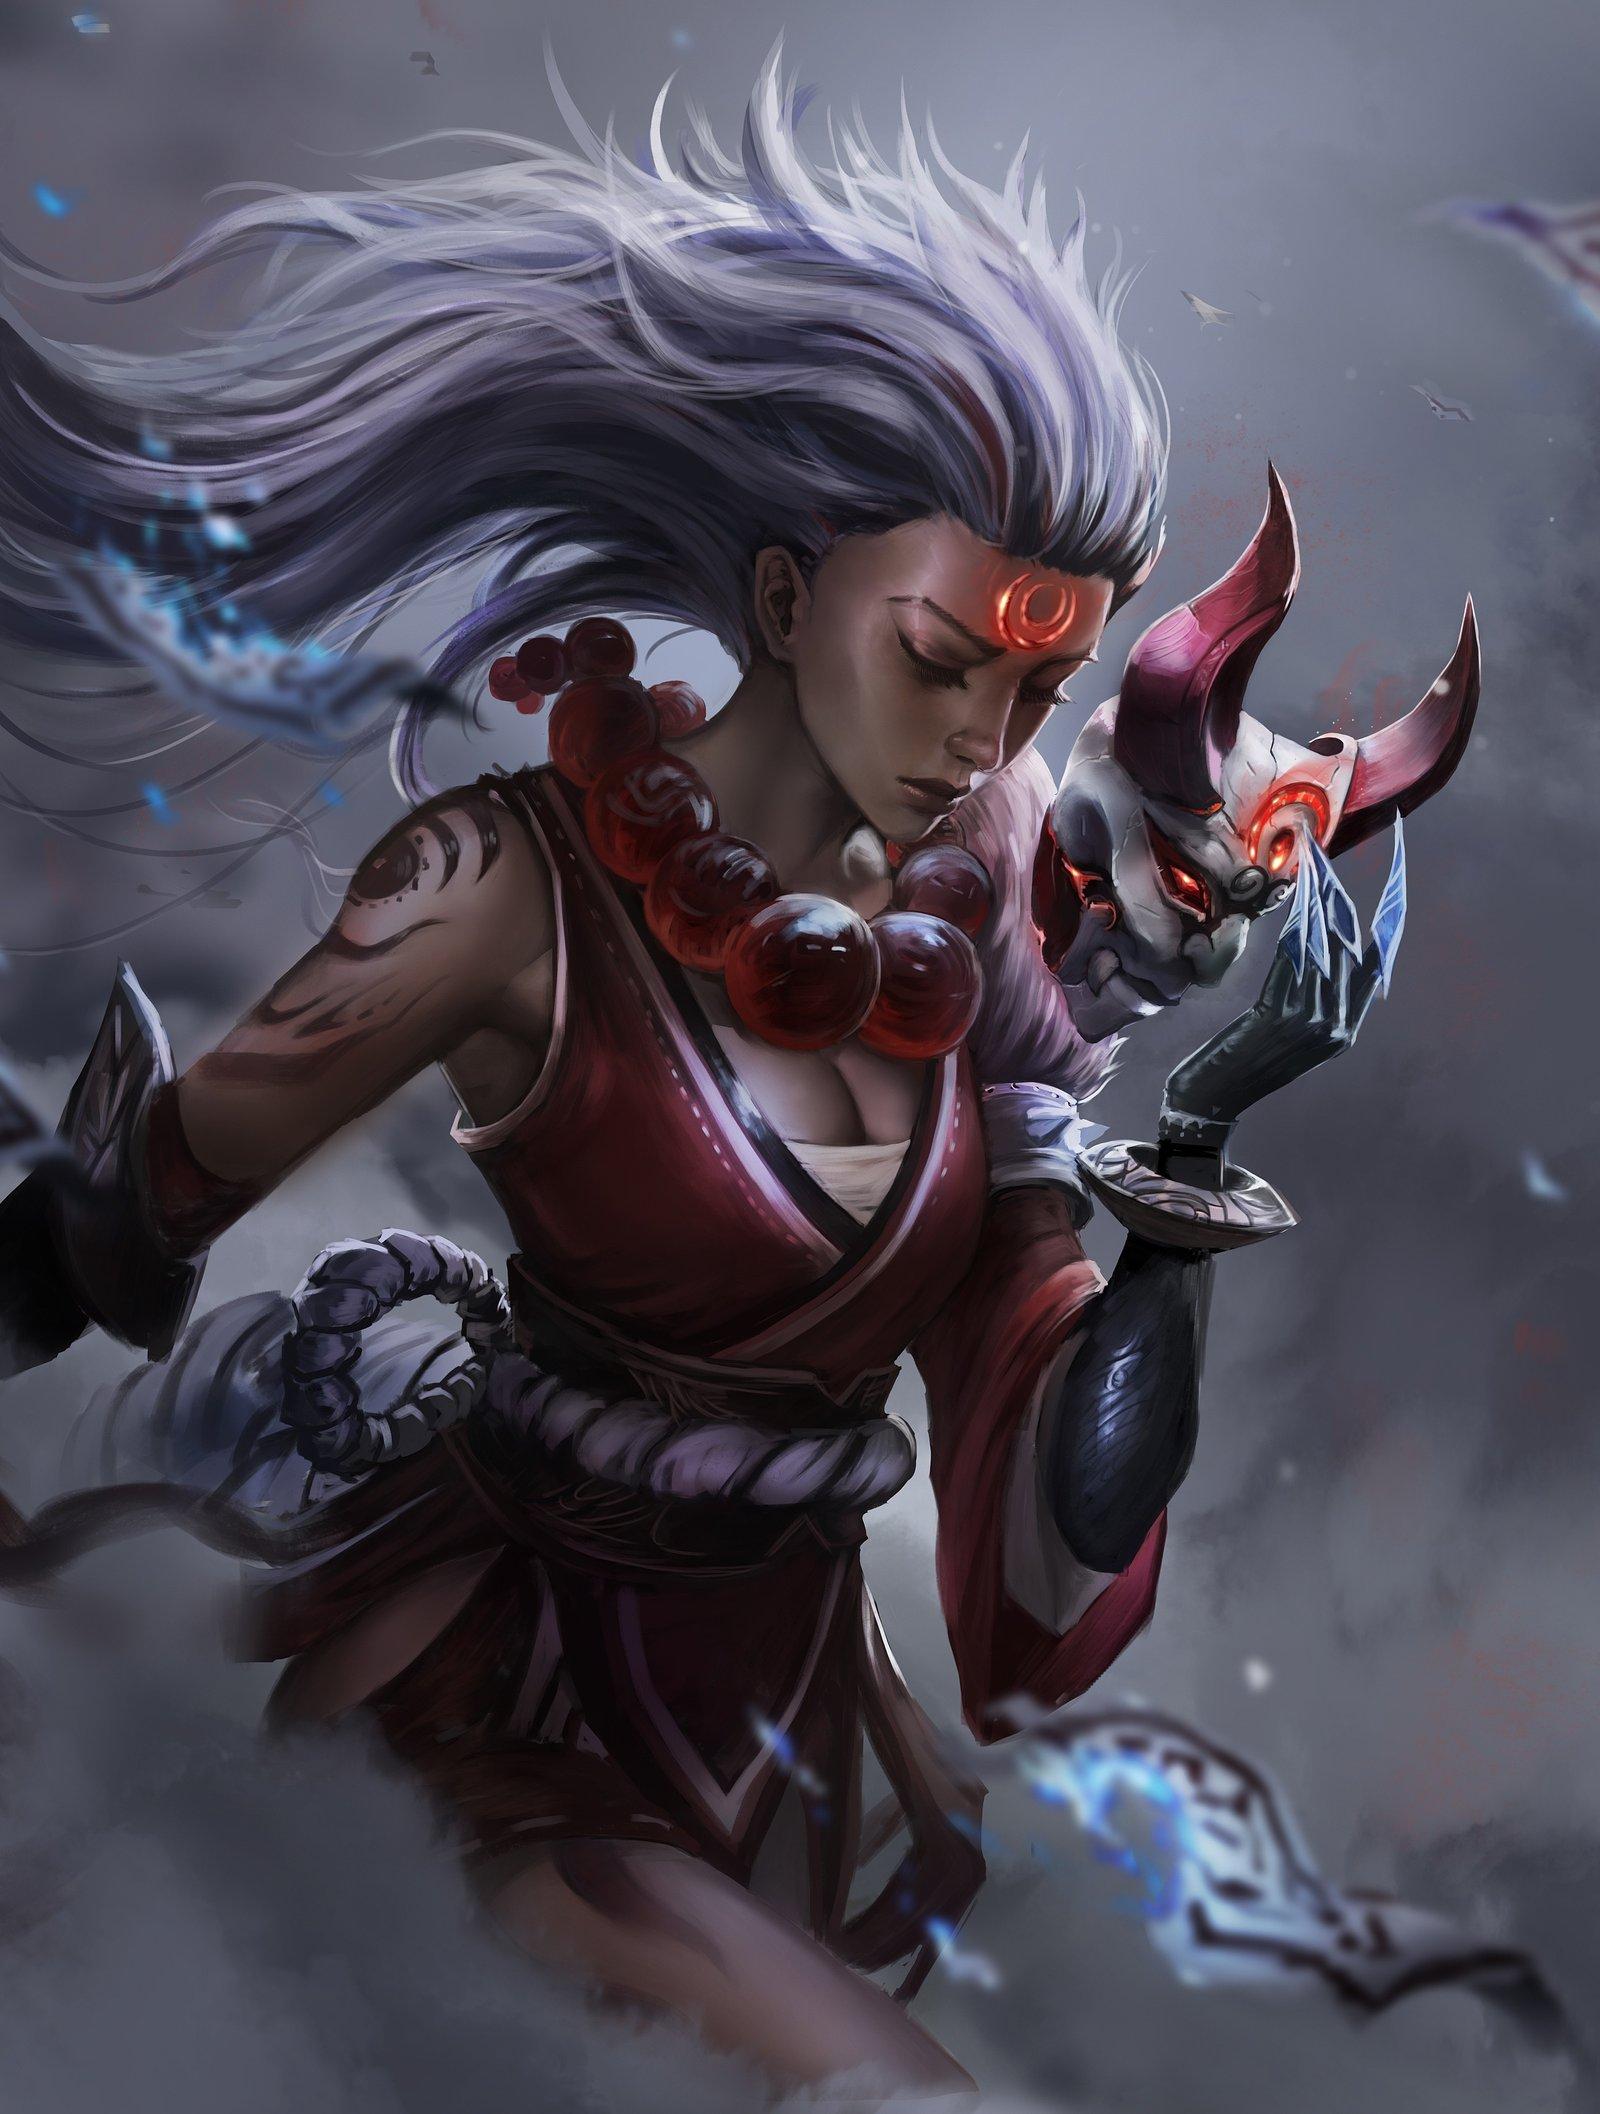 Blood Moon Diana Wallpapers Fan Arts League Of Legends Lol